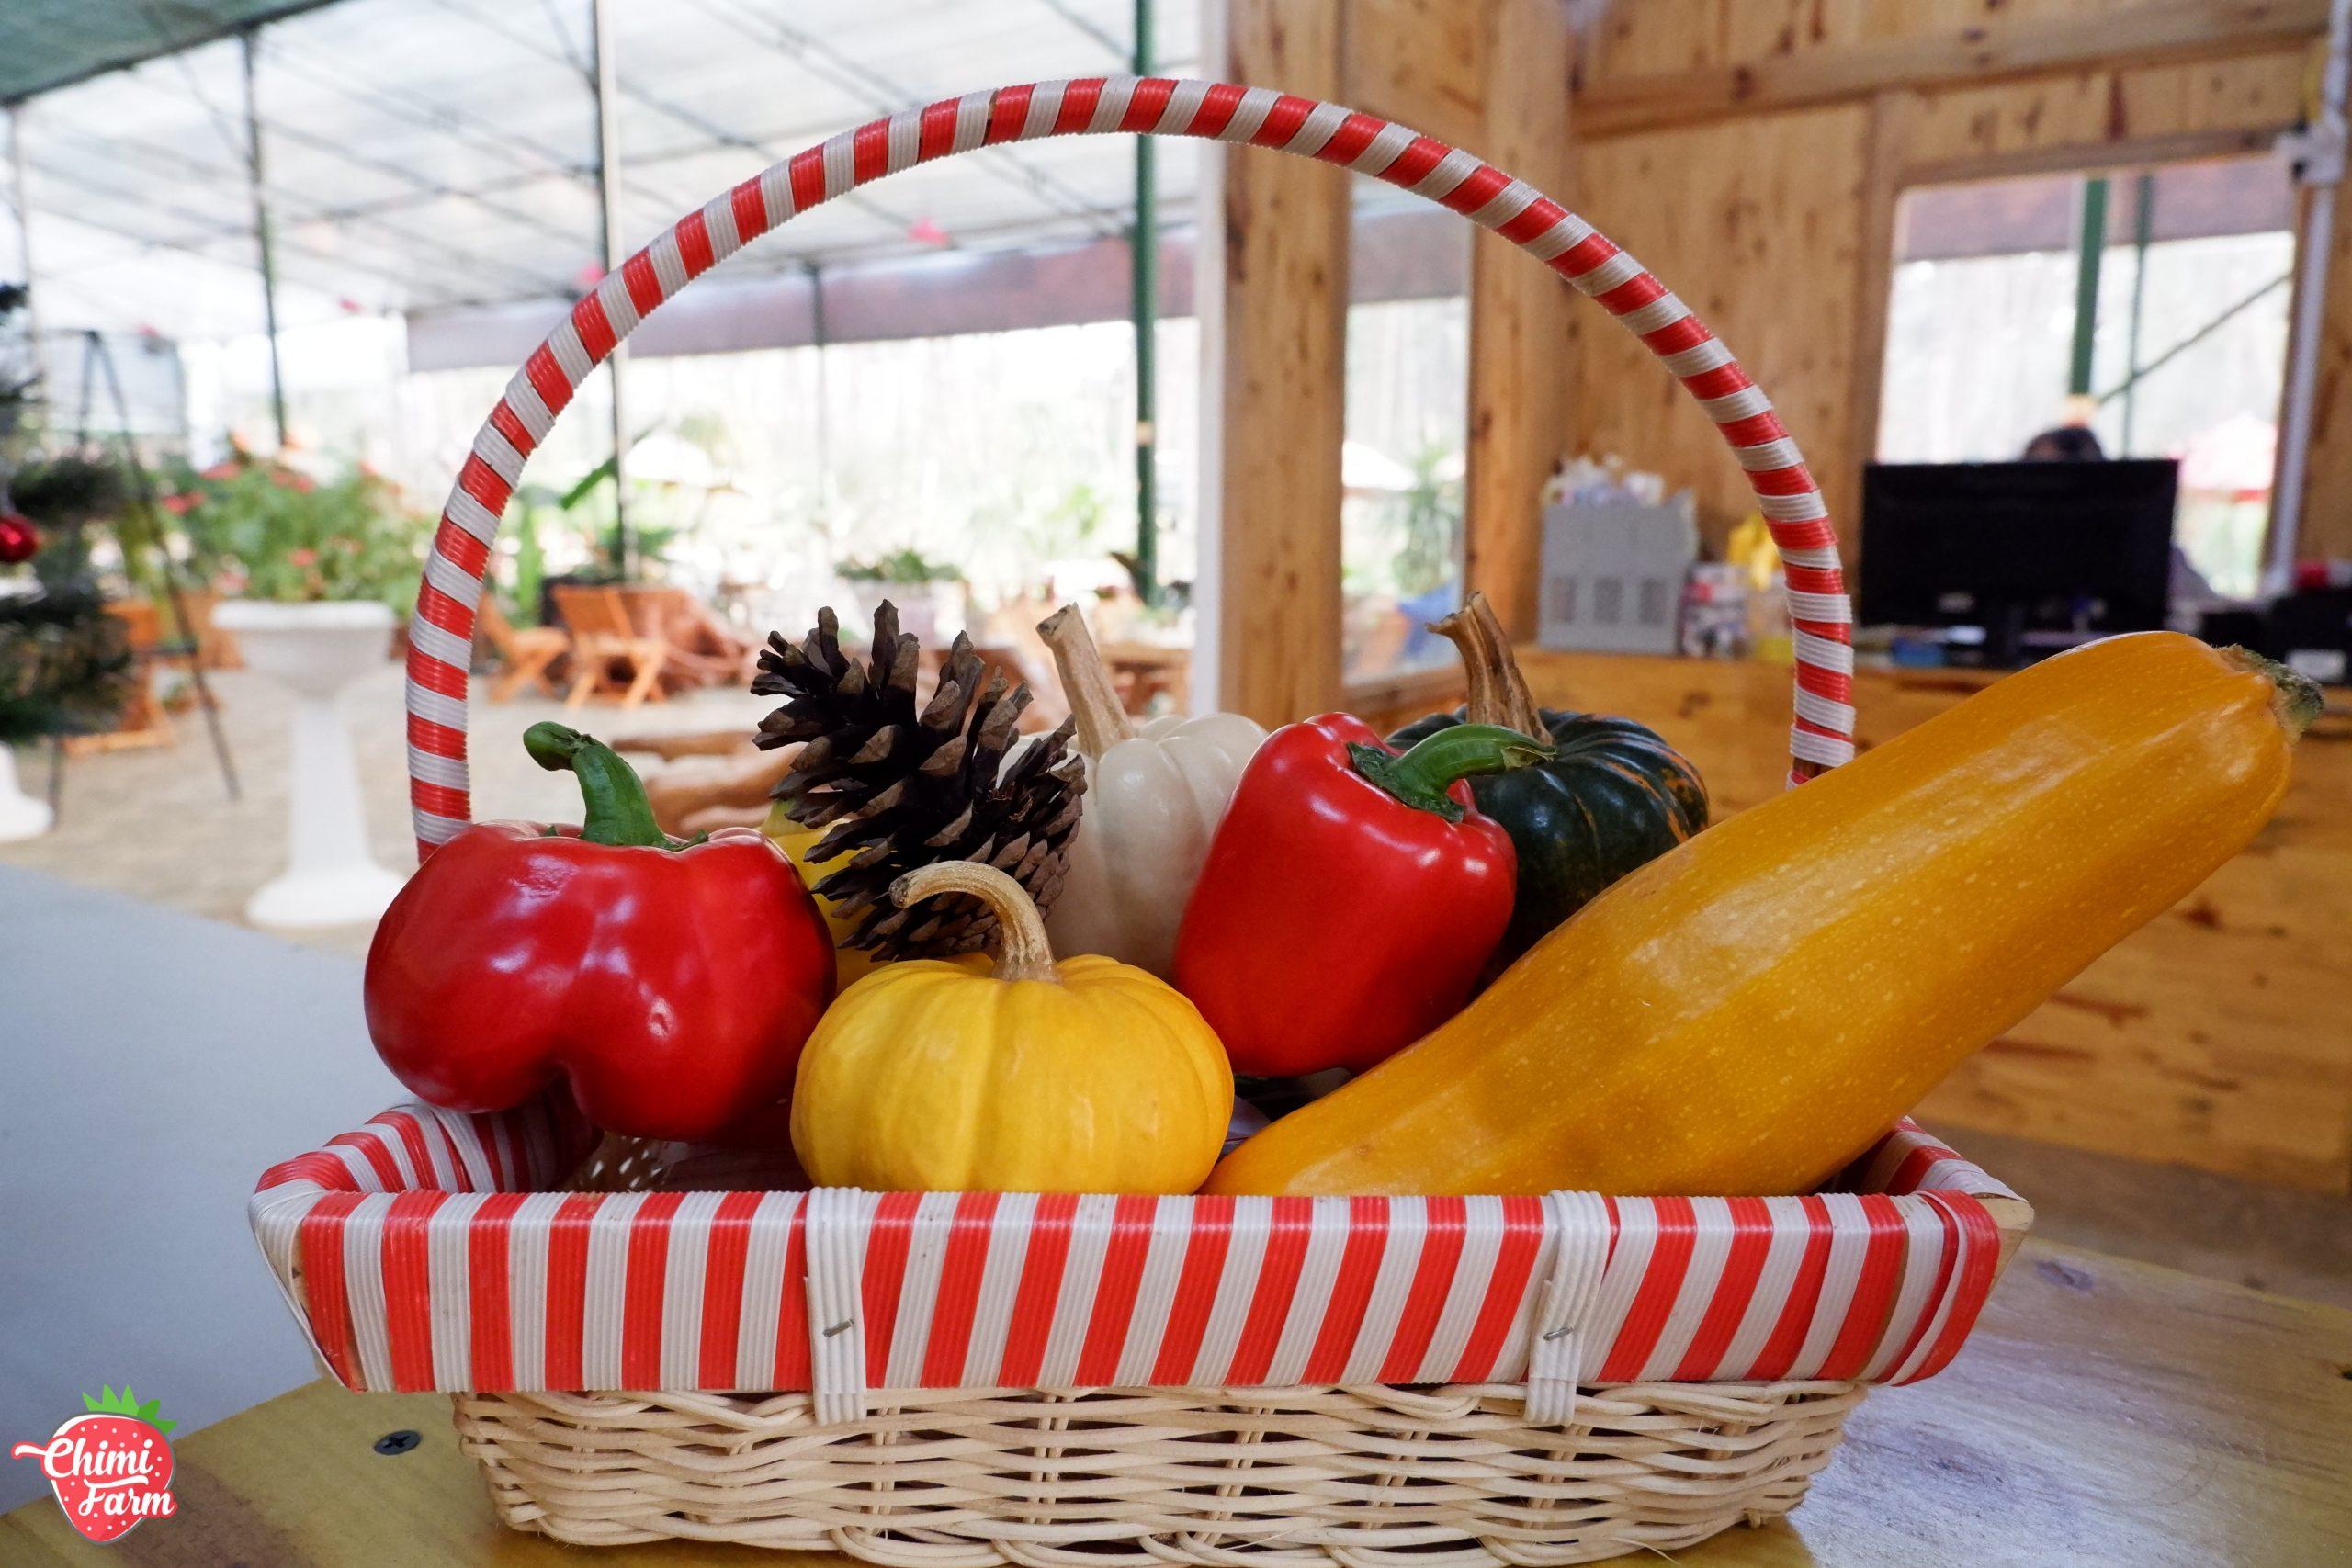 Chimi Farm có nhiều các loại rau, củ, quả như: bí ngô khổng lồ, dưa pepino, ớt chuông, sơri...